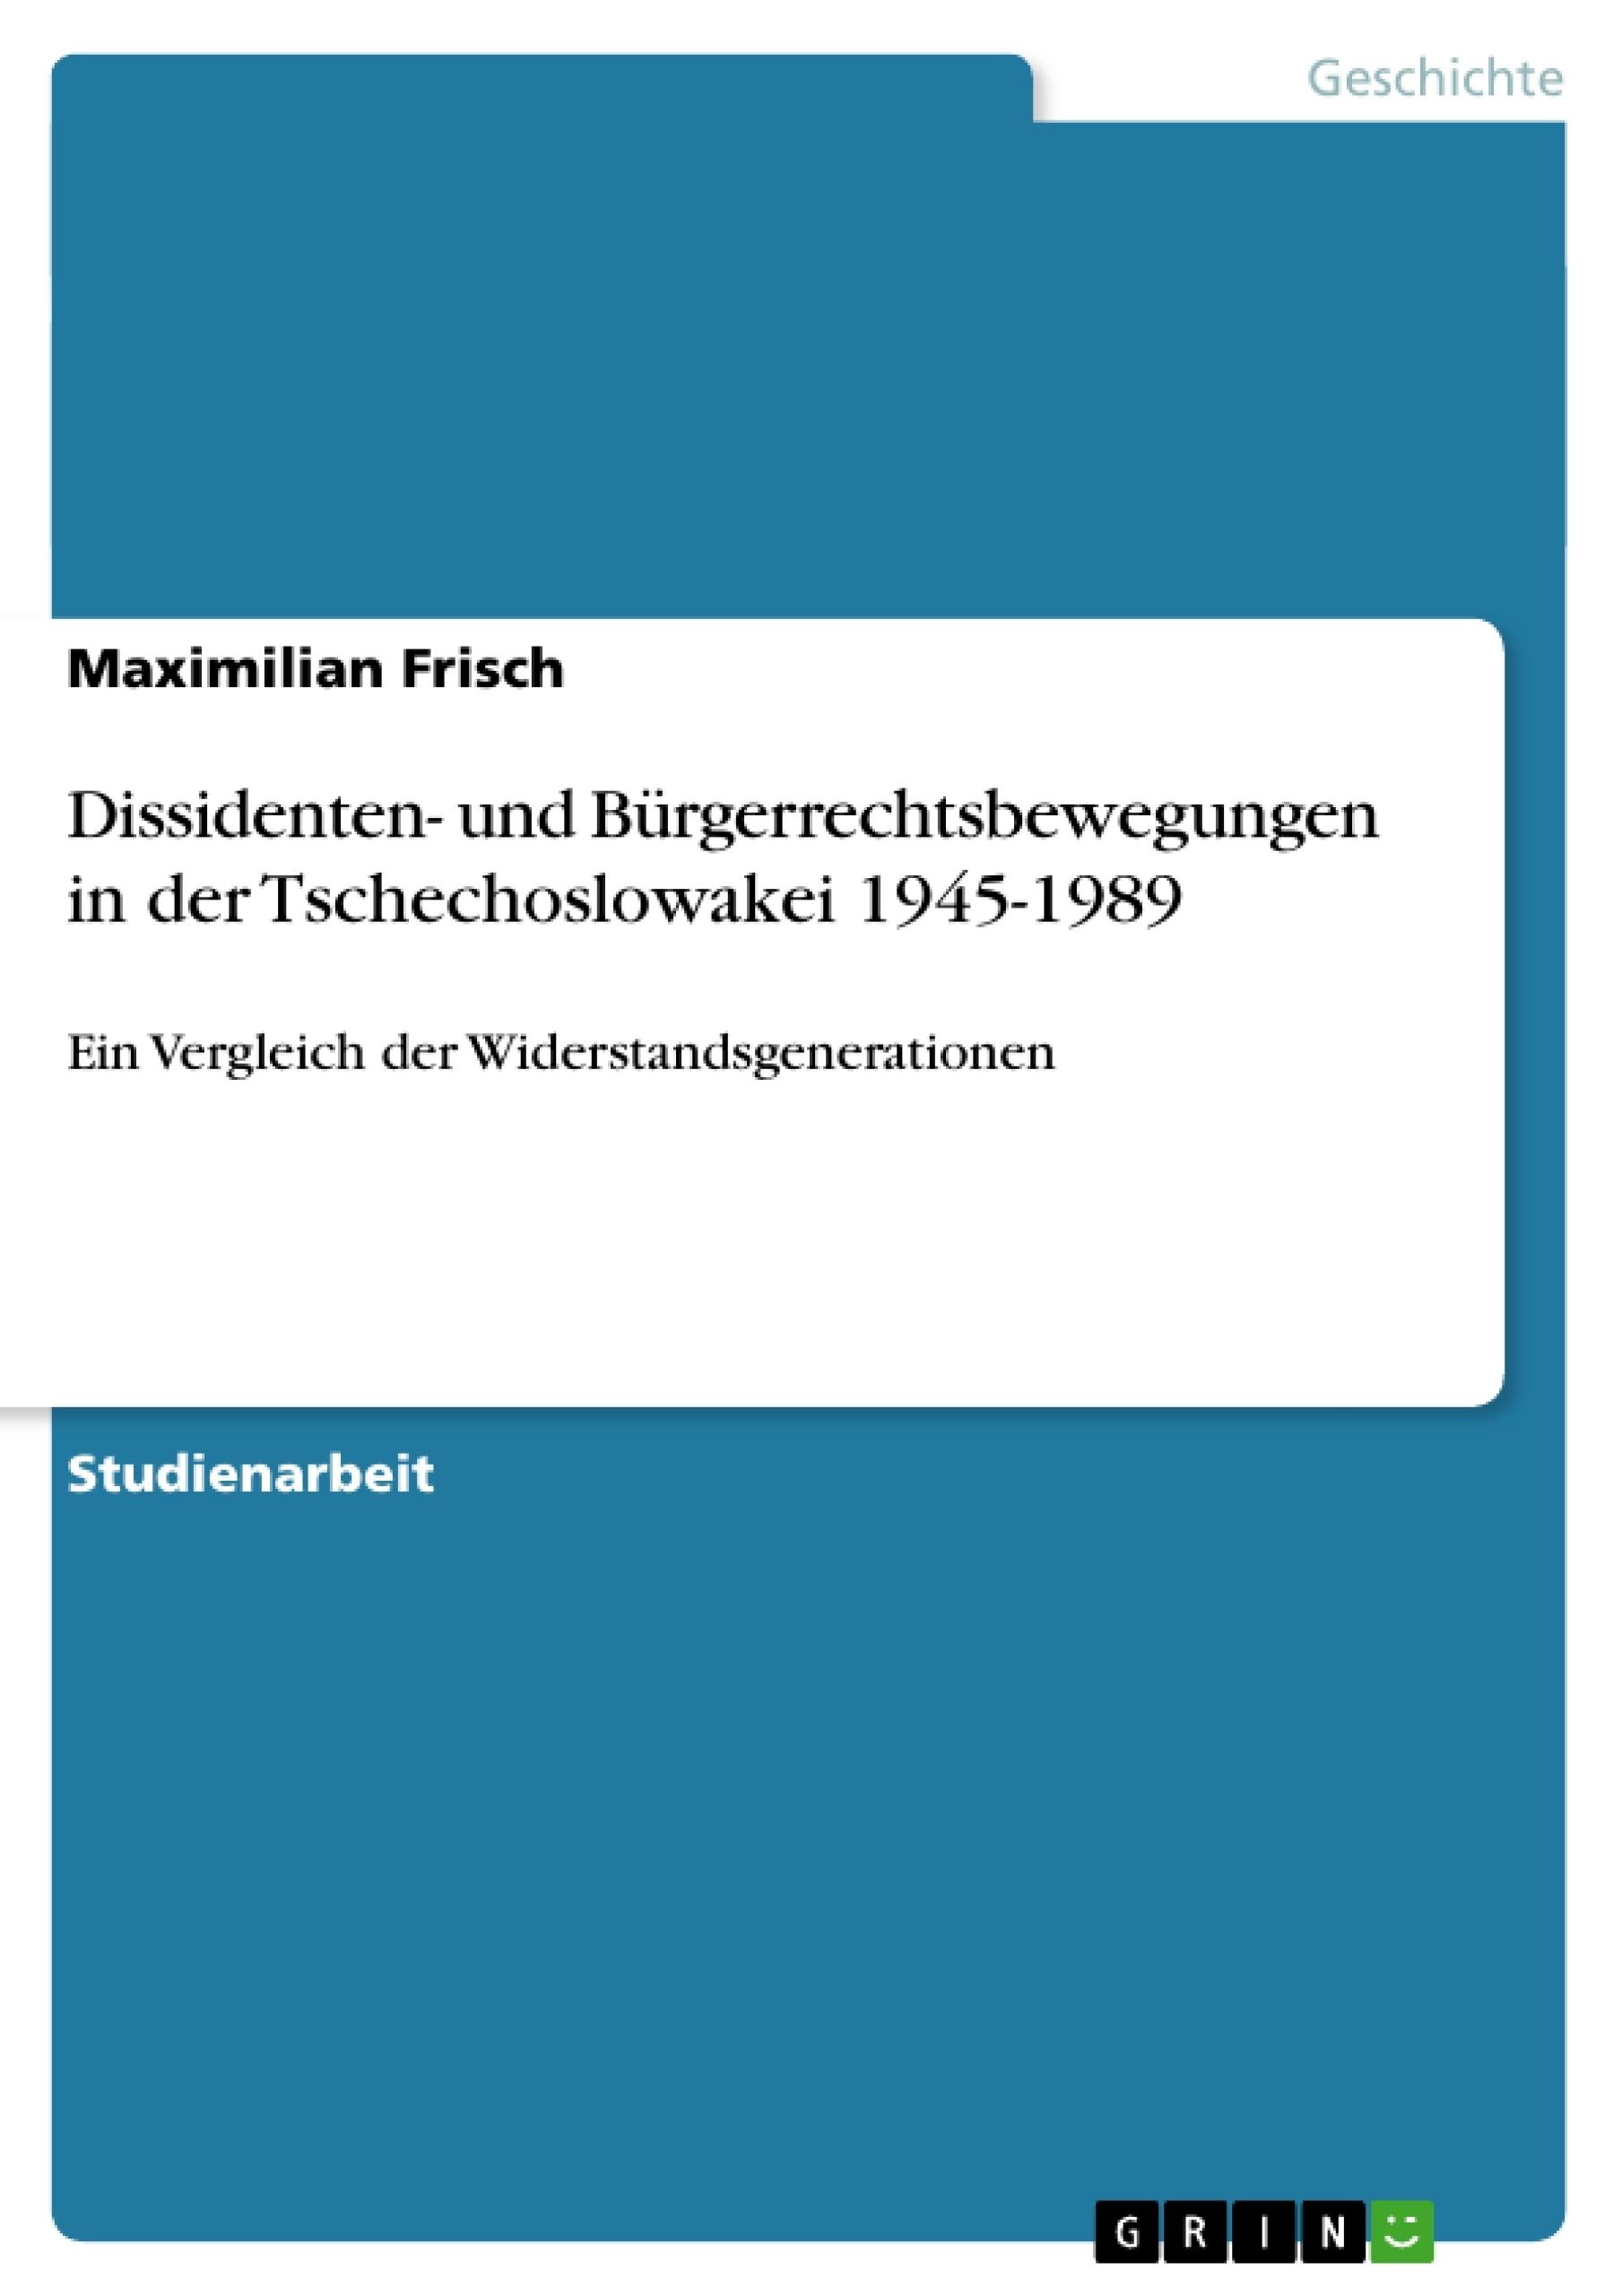 Titel: Dissidenten- und Bürgerrechtsbewegungen in der Tschechoslowakei 1945-1989